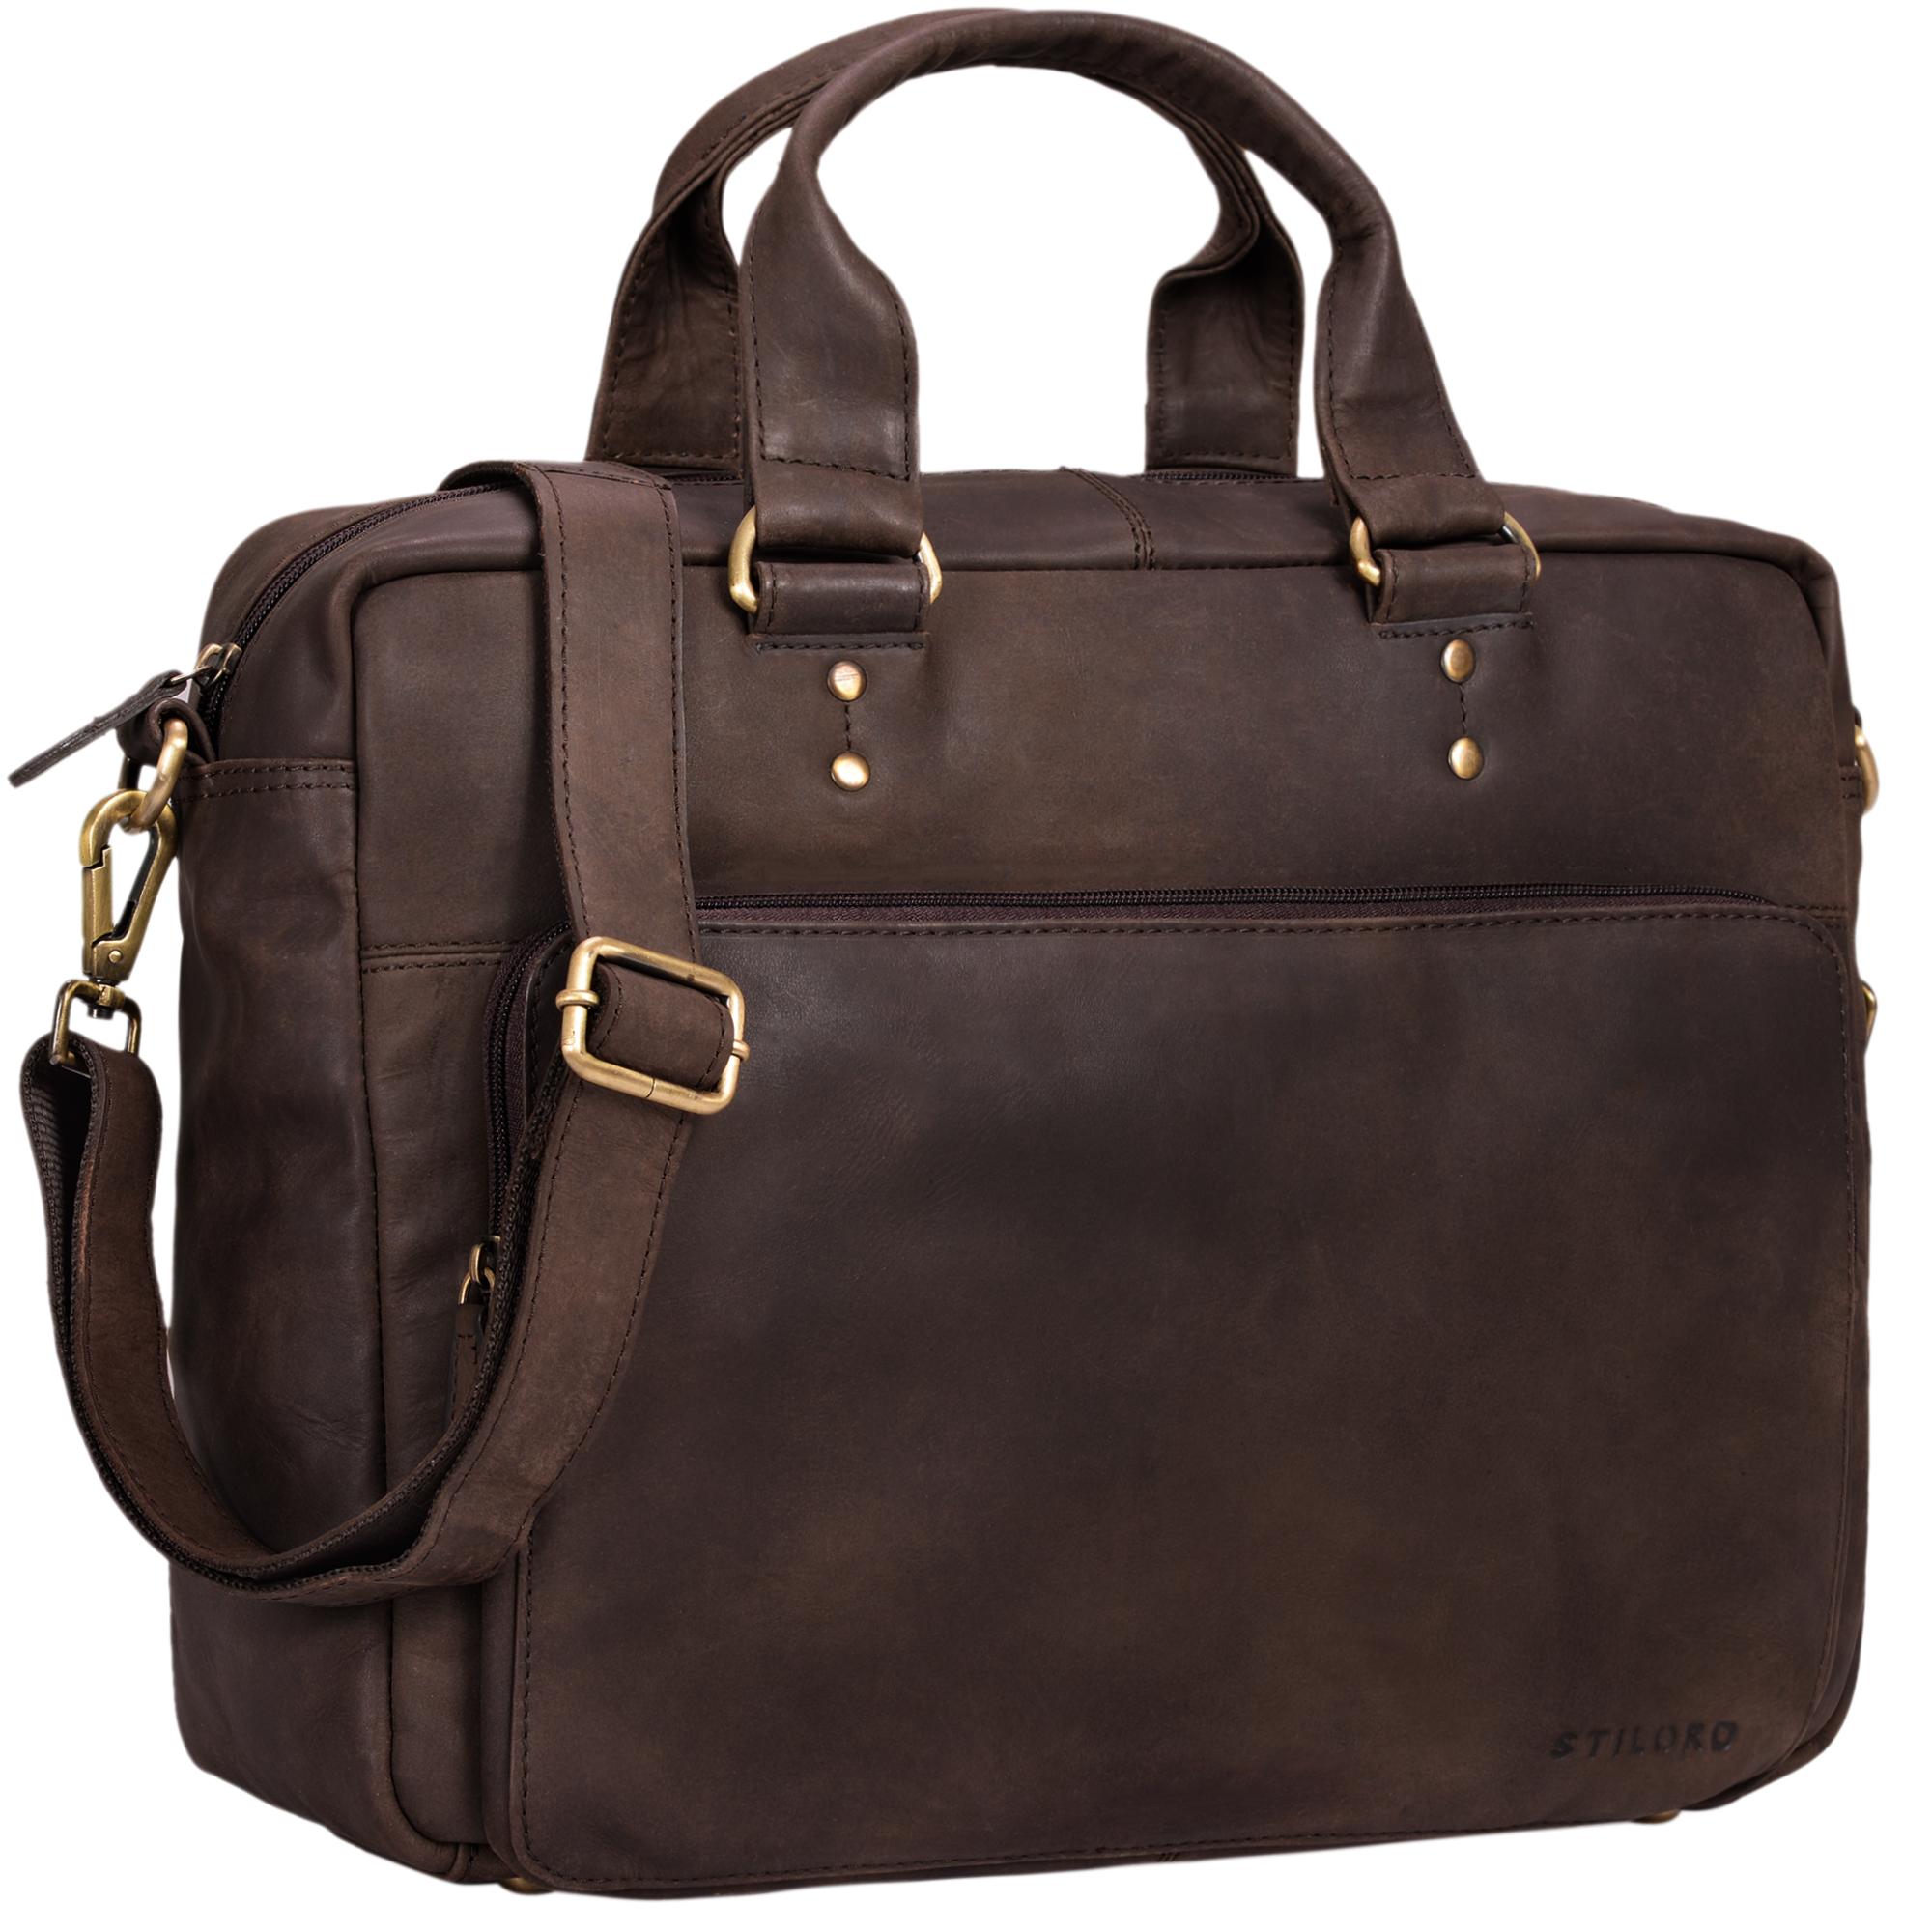 """STILORD """"Jack"""" Ledertasche Aktentasche Herren Vintage Umhängetasche für Büro Business Arbeit 13,3 Zoll Laptoptasche für große DIN A4 Aktenordner echtes Leder - Bild 14"""